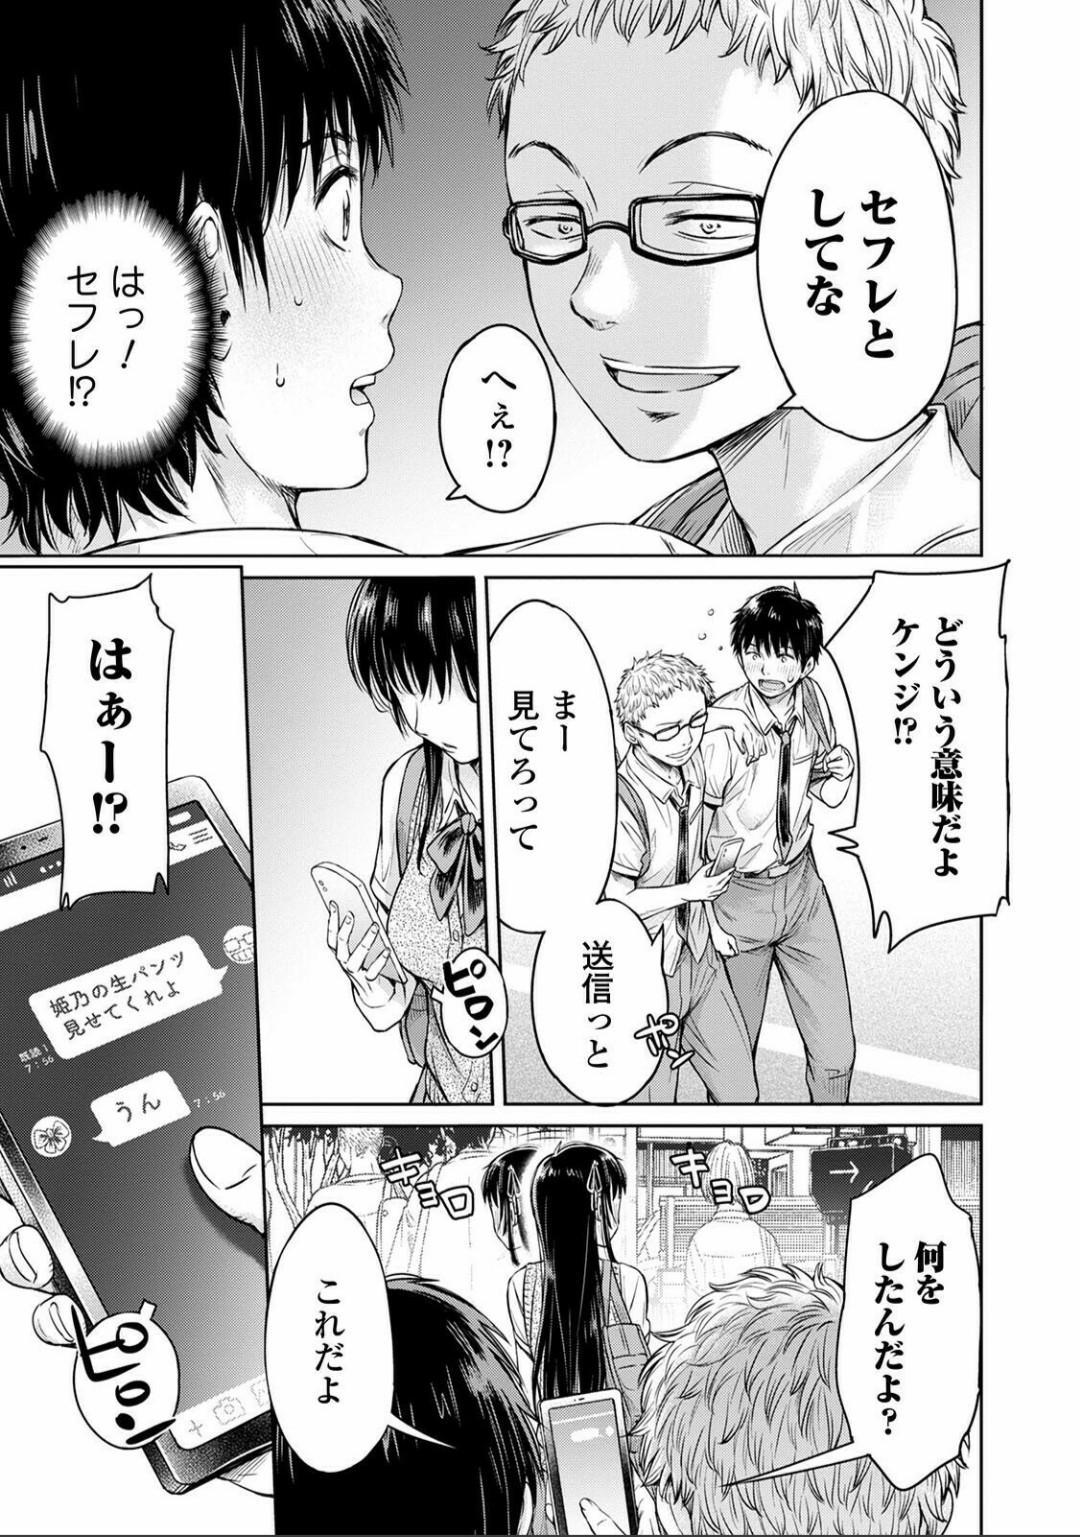 Kanojo ni Kokuhaku Suru Mae ni Tomodachi ni Nakadashi Sareta... 3 2